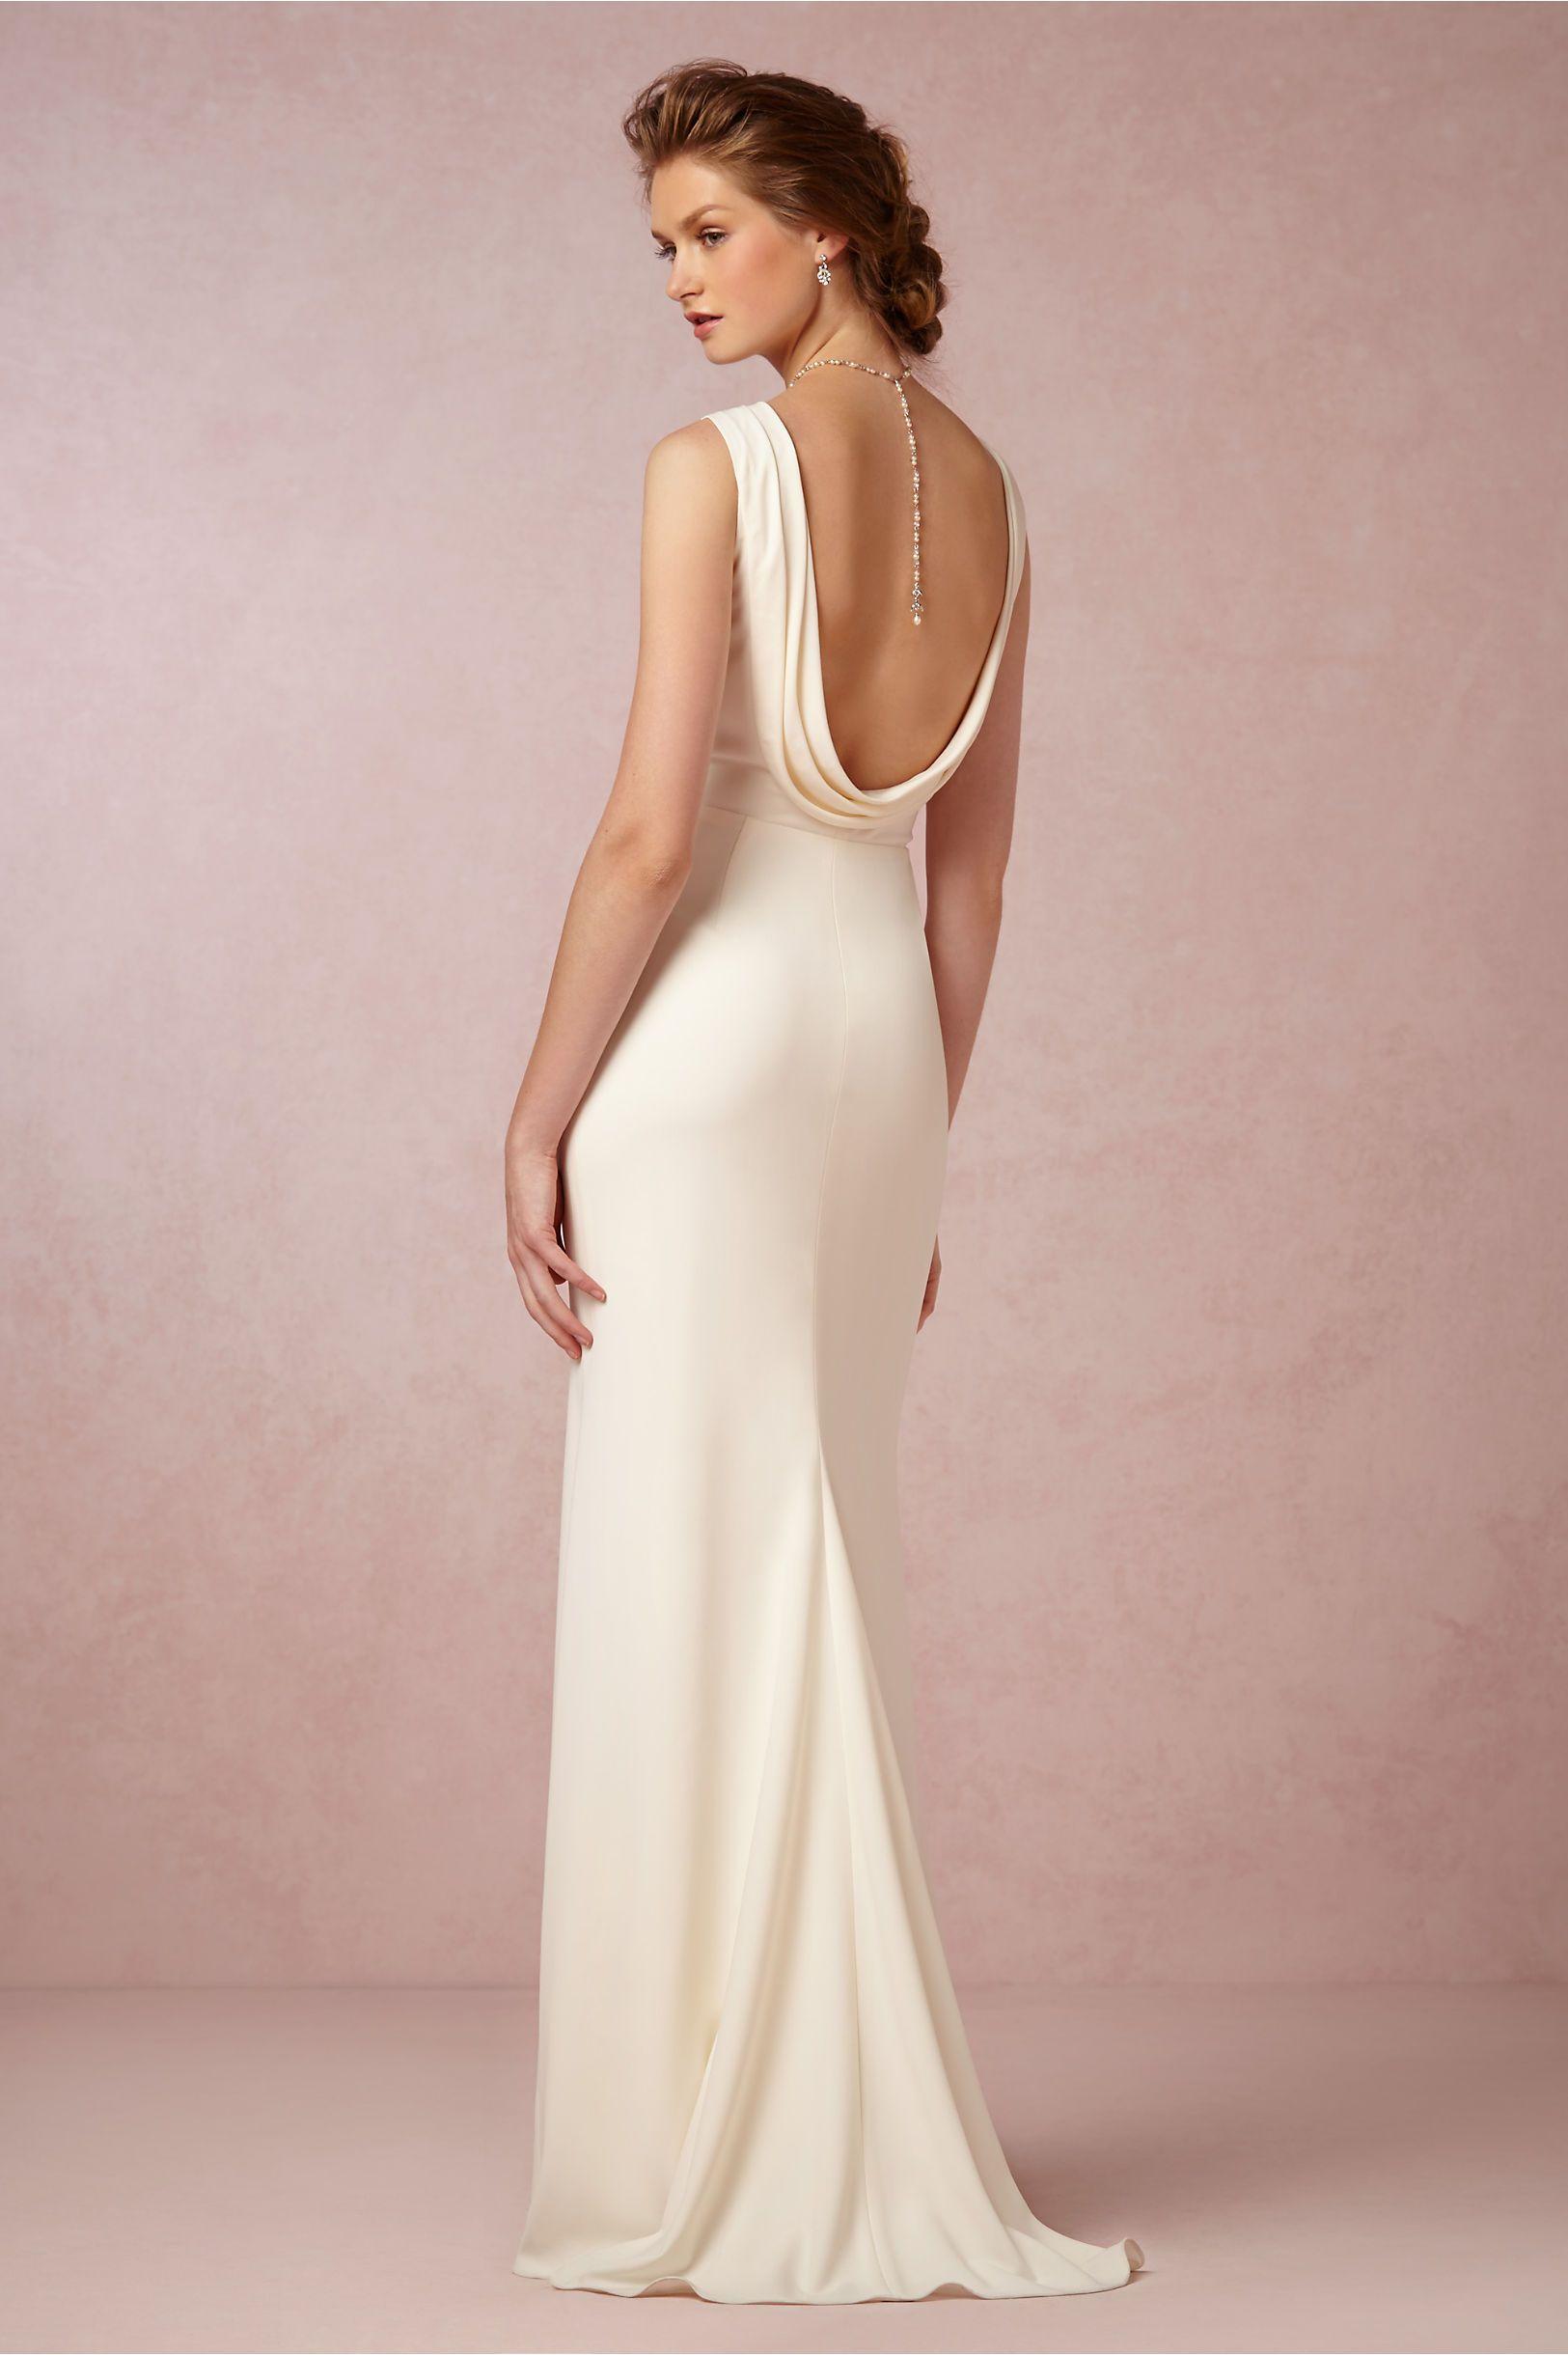 BHLDNs Badgley Mischka Livia Gown In Cream